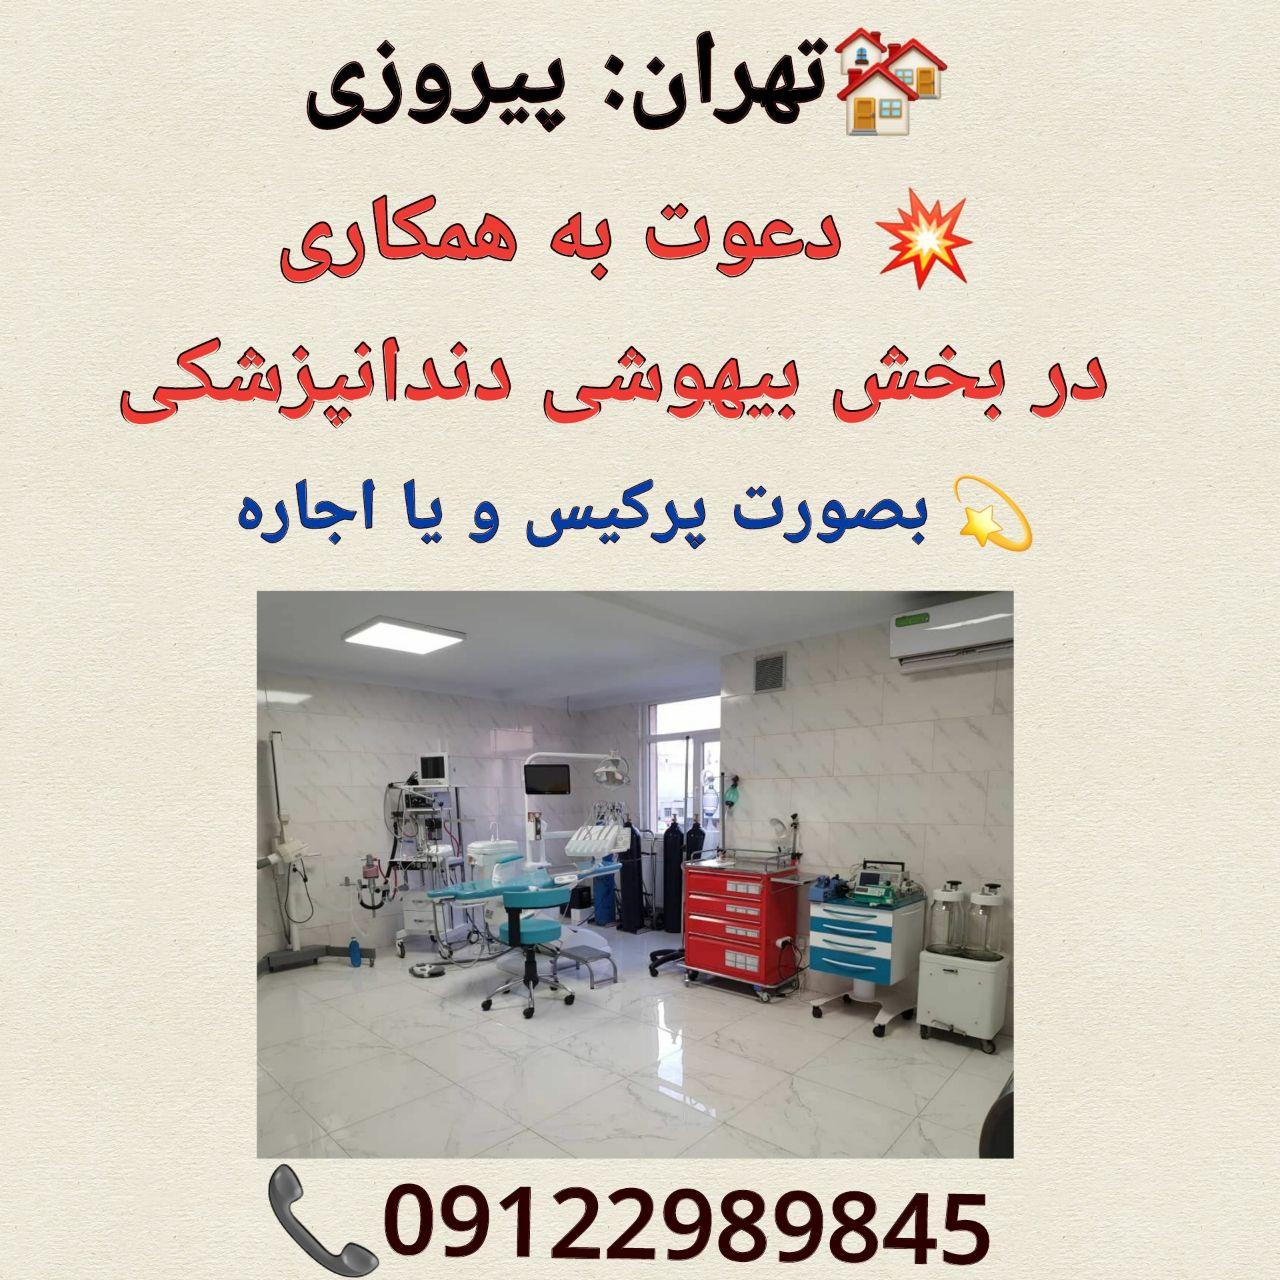 تهران: پیروزی، دعوت به همکاری در بخش بیهوشی دندانپزشکی